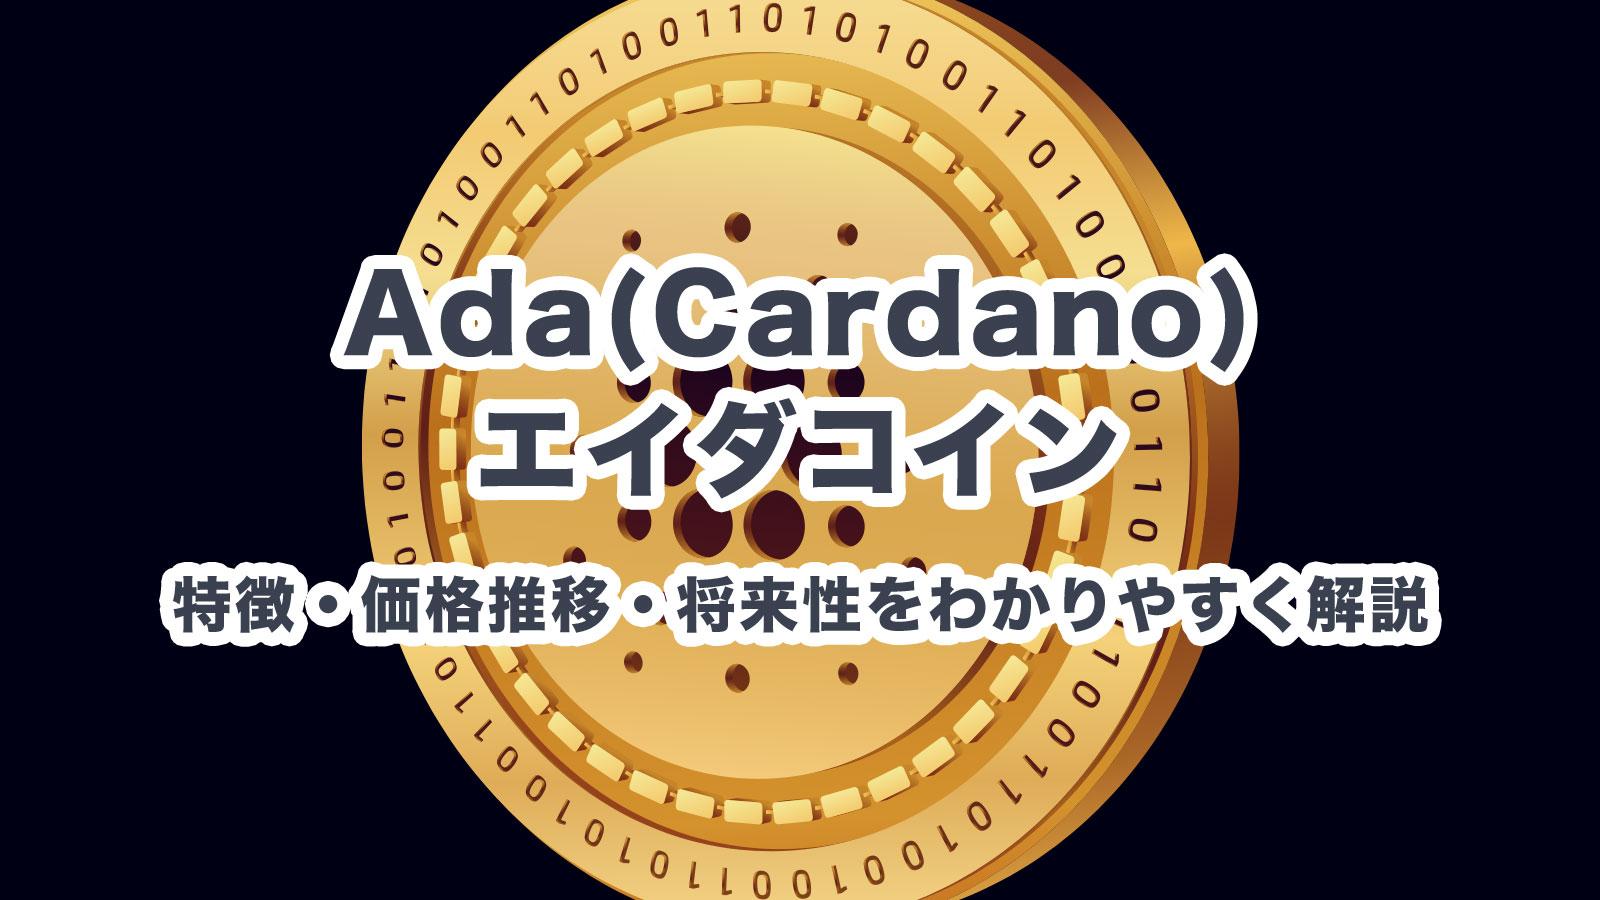 エイダコイン(ADA/Cardano)とは?特徴・価格推移・将来性をわかりやすく解説